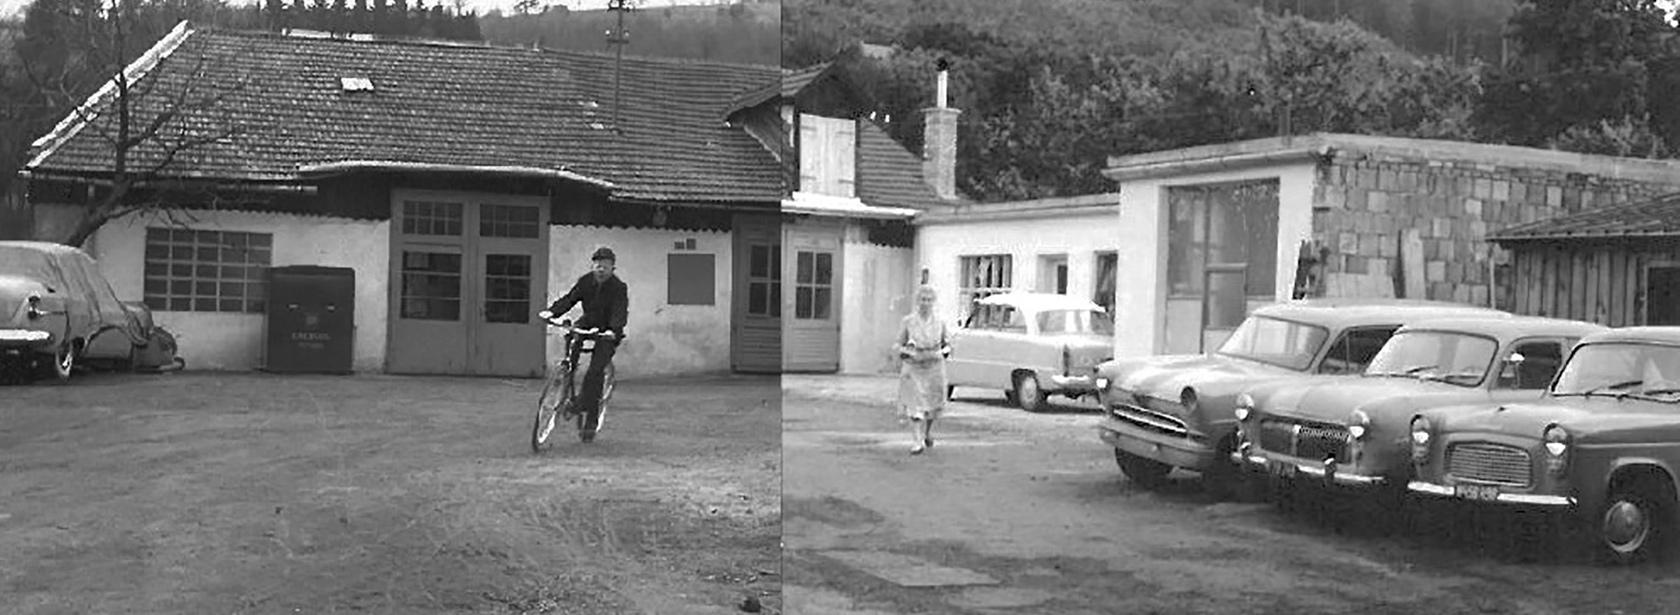 Alte Gebäude und alte Autos auf altem Firmengelände mit Frau im Kleid und Mann auf einem Fahrrad